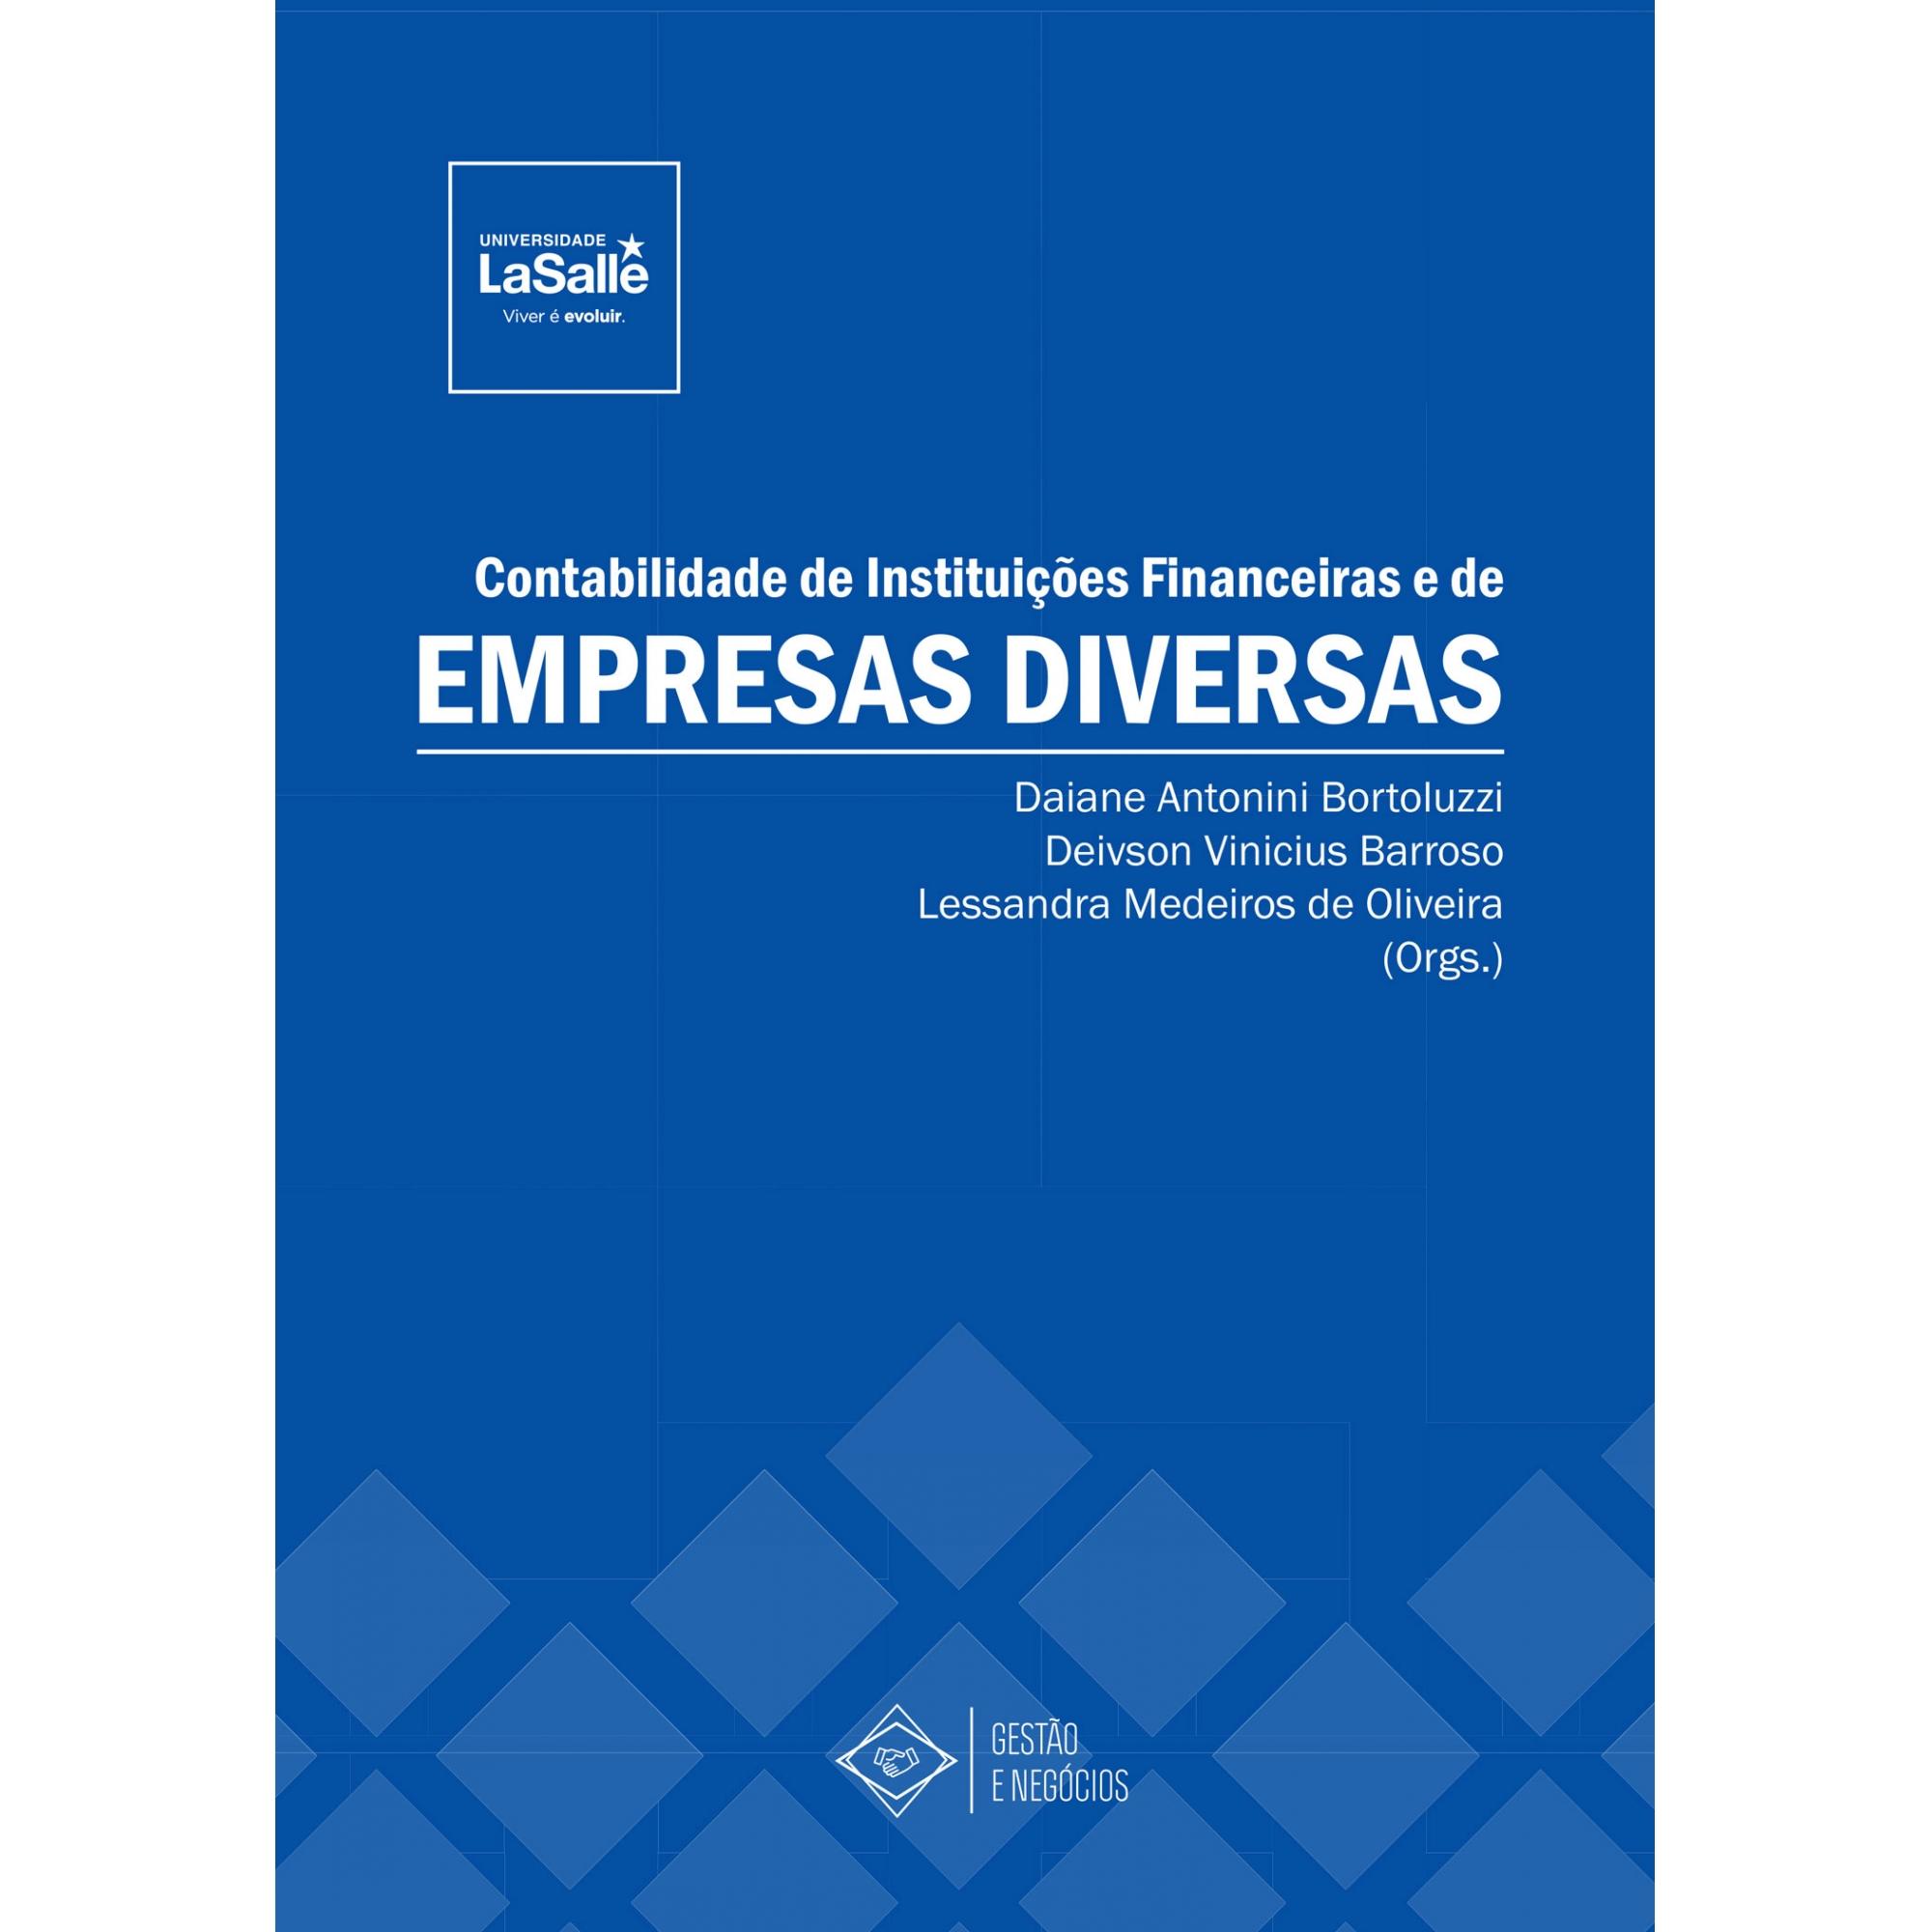 Contabilidade de Instituições Financeiras e de Empresas Diversas